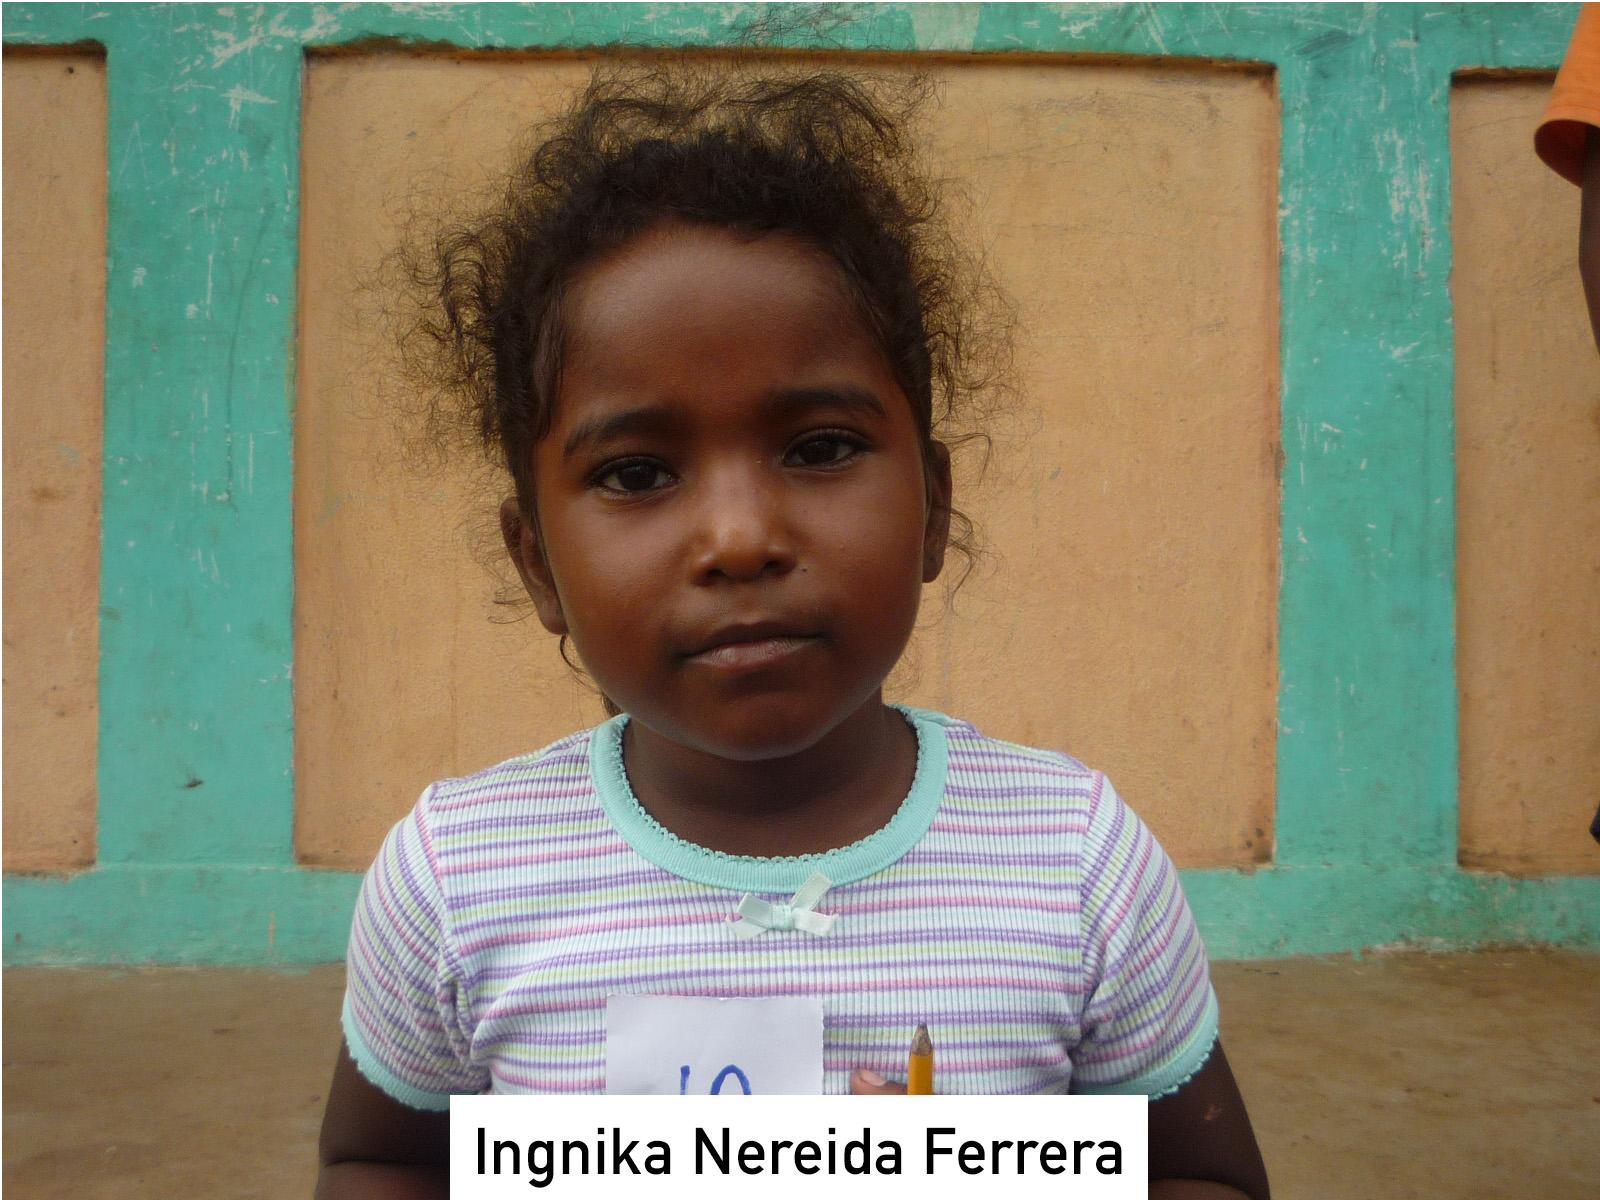 010 - Ingnika Nereida Ferrera.jpg